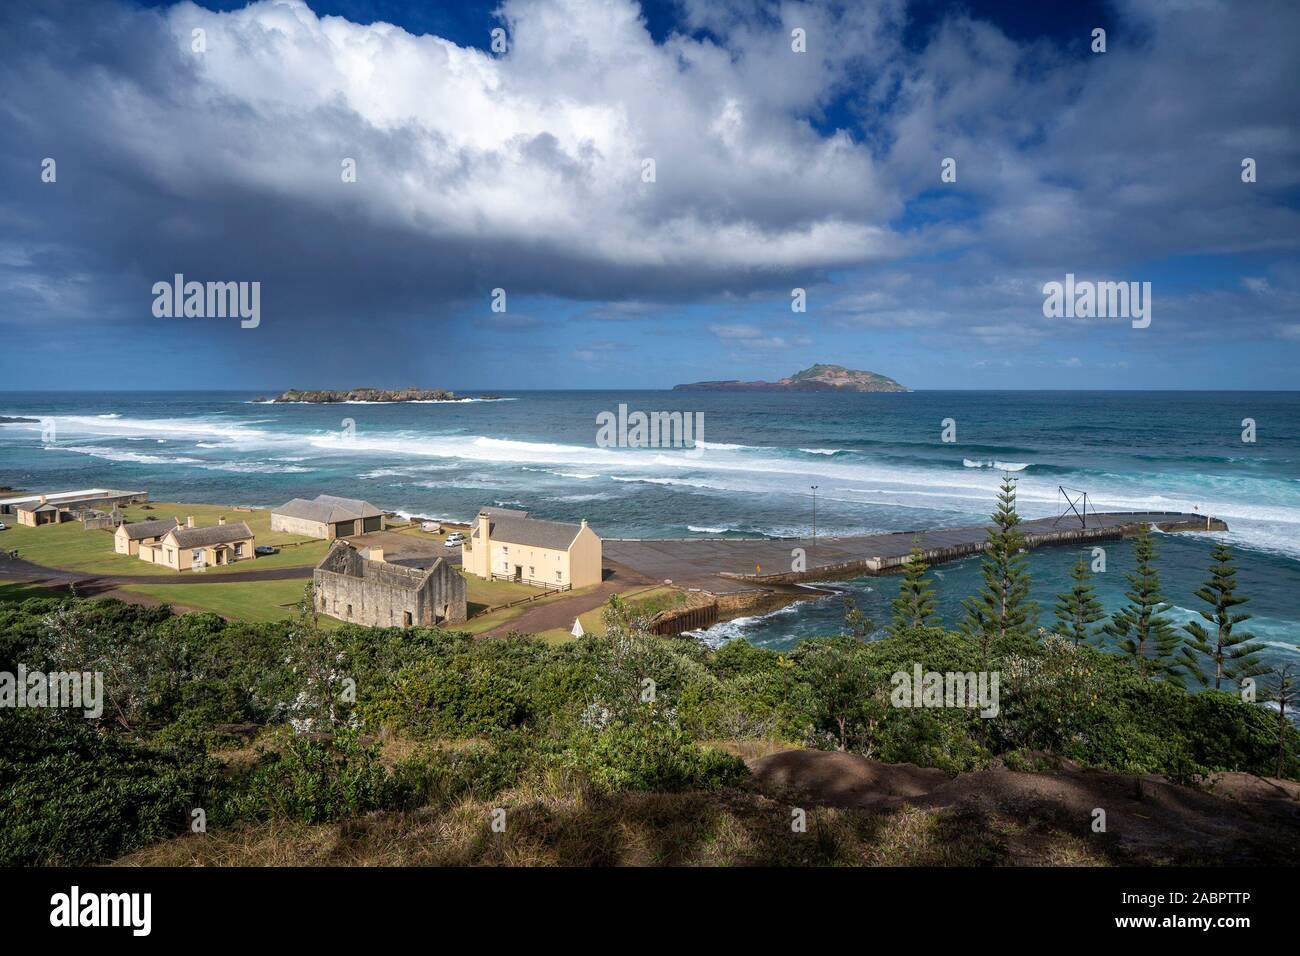 Kingston e Arthur's Vale Area Storica, una delle undici luoghi che compongono i Penitenziari australiani Patrimonio Mondiale. Isola di Norfolk. Foto Stock